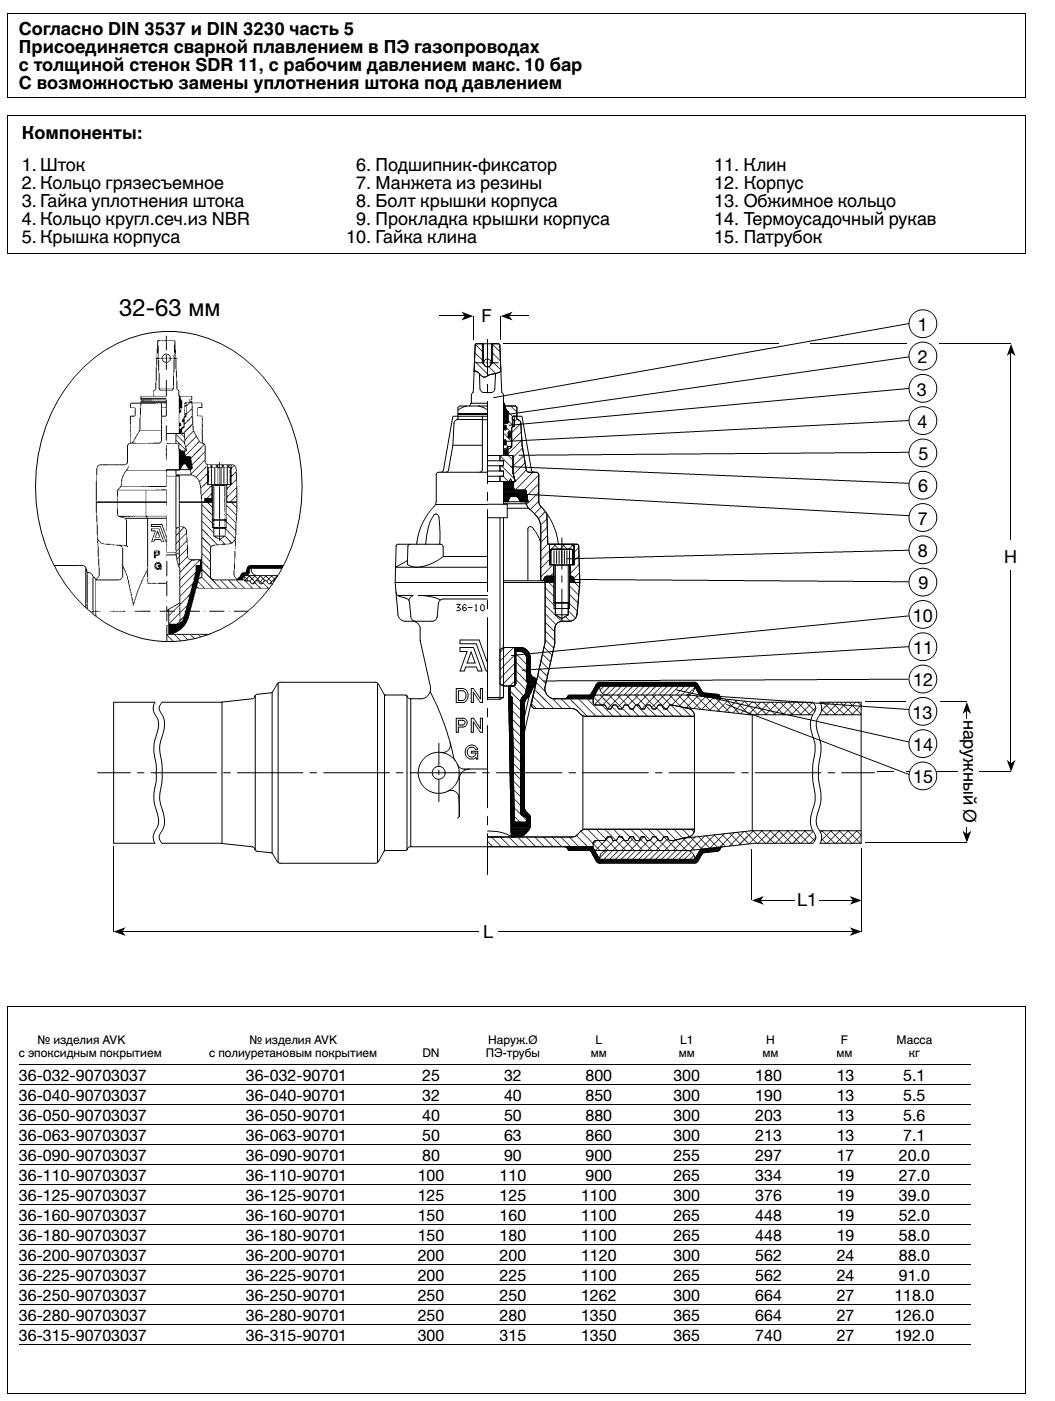 AVK задвижка для распределительных сетей природного газа, PN 10, с ПЭ патрубками